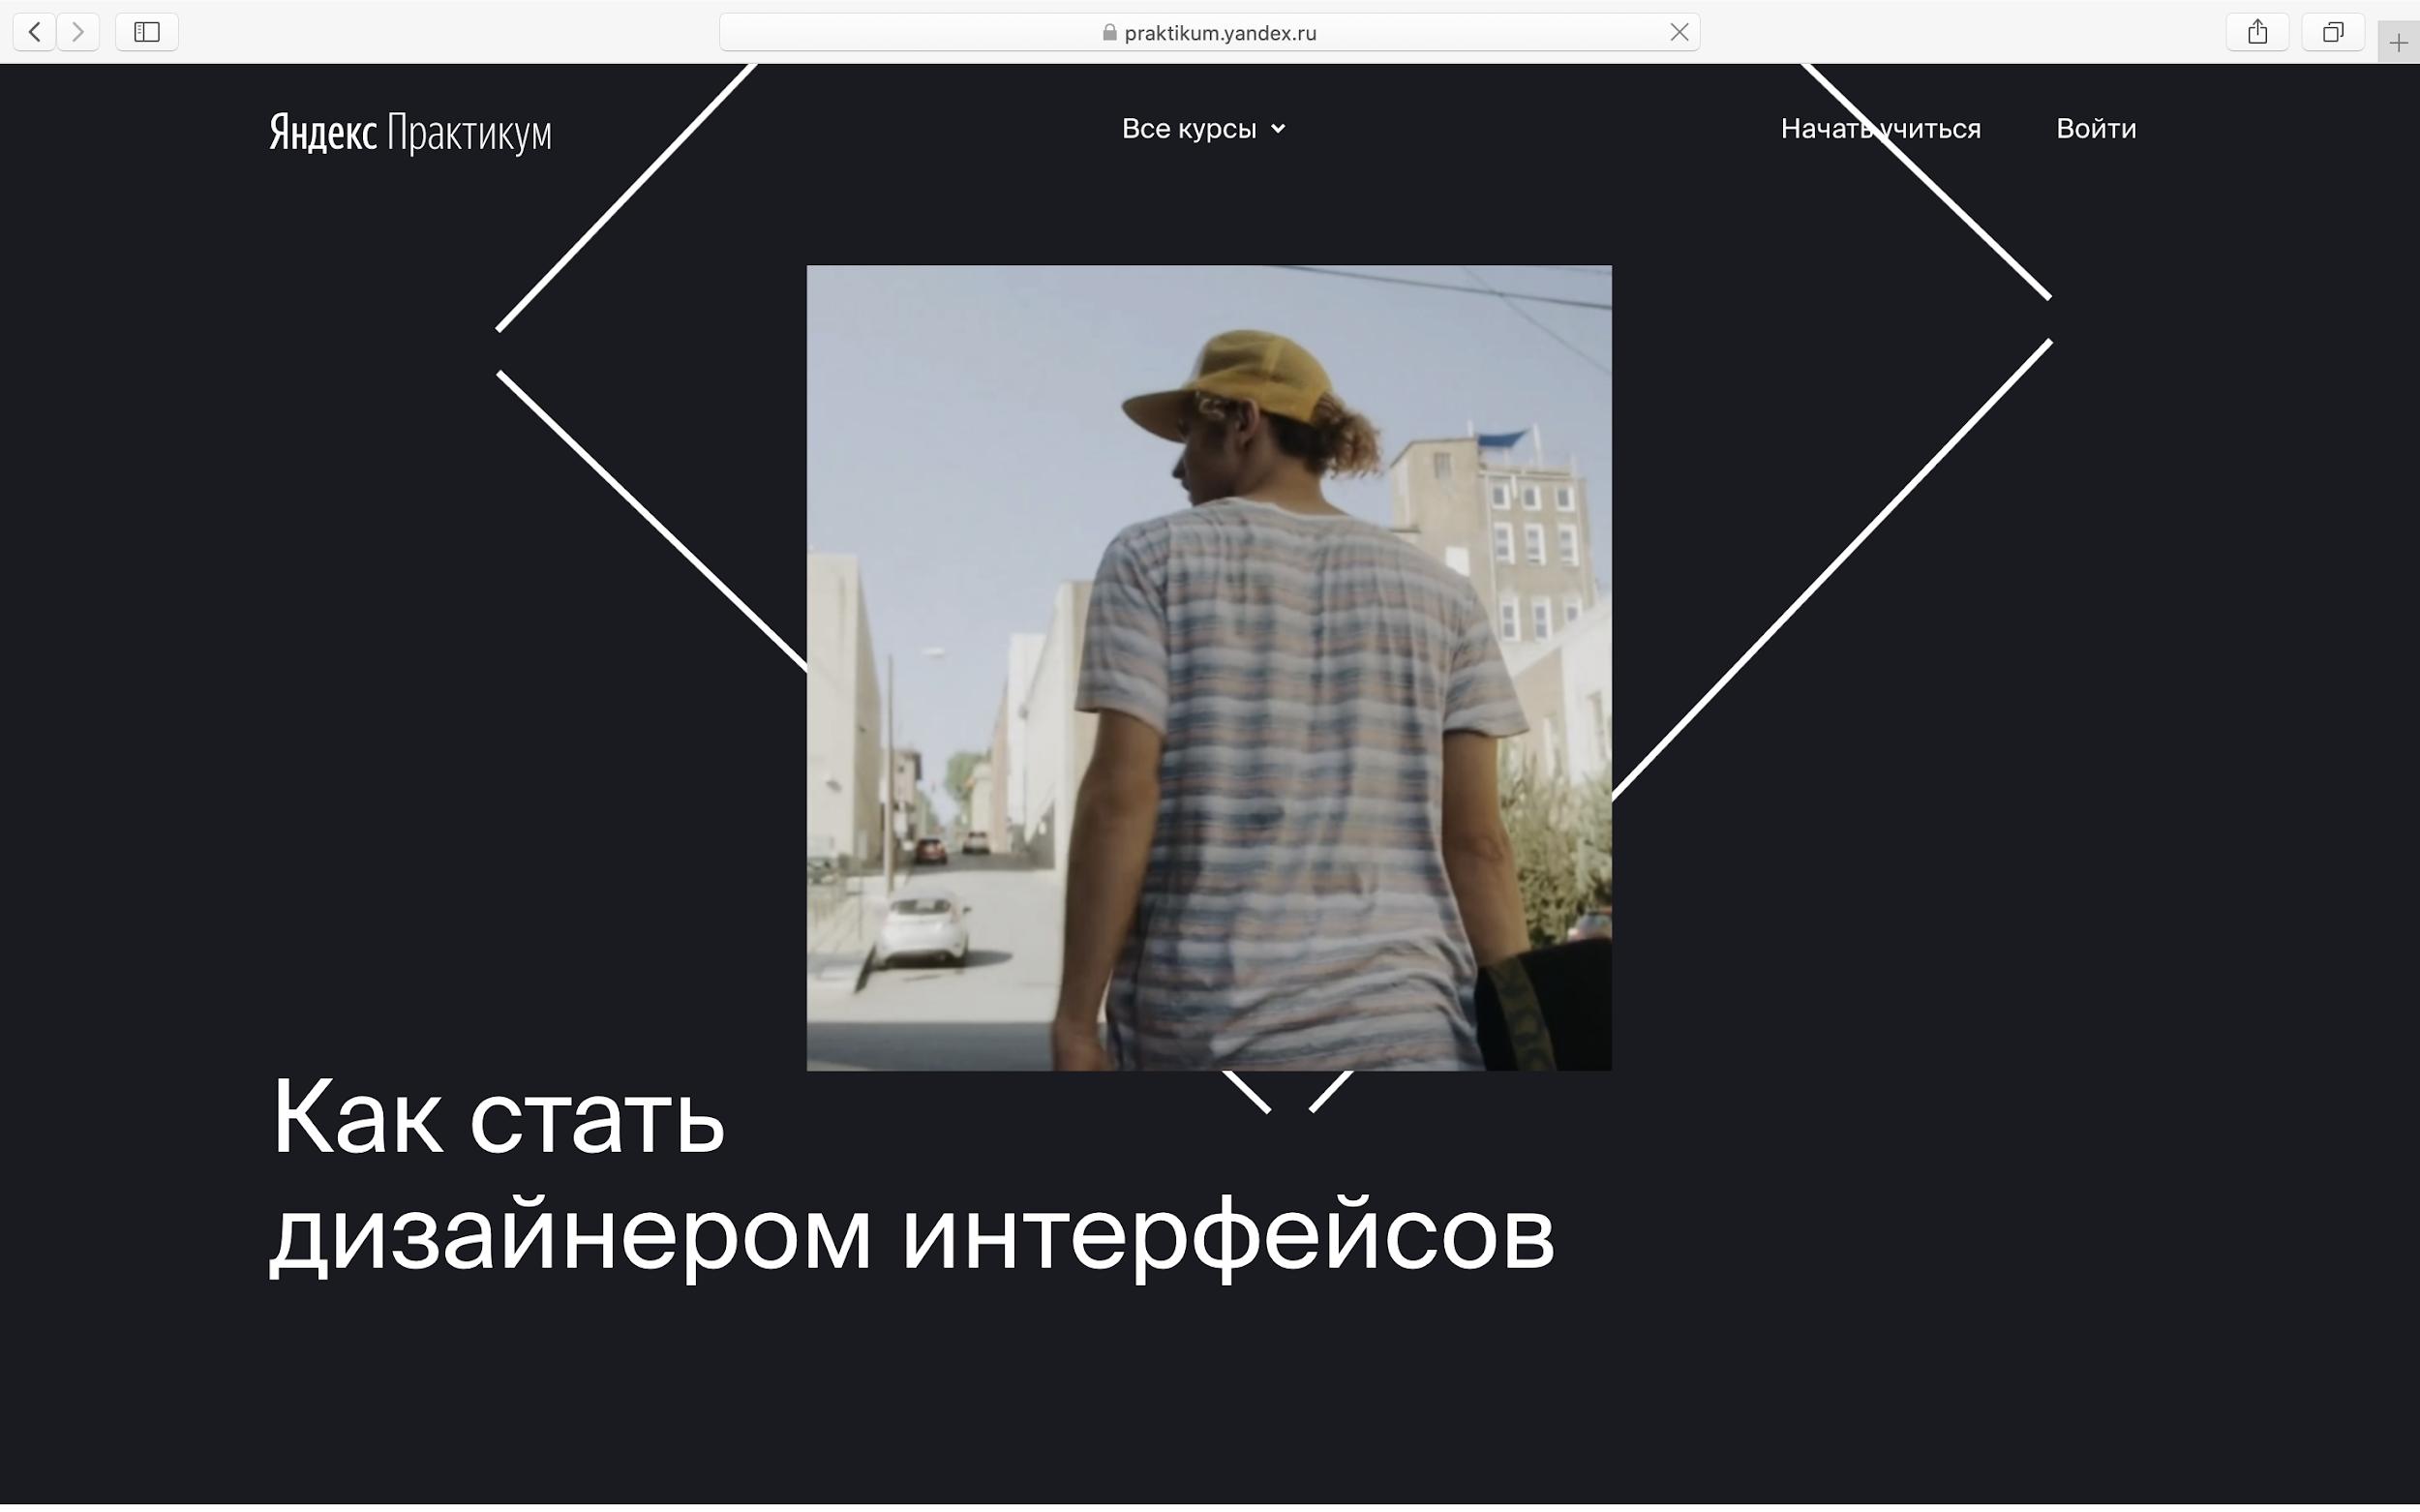 Профессия дизайнер интерфейсов. Обучение в сервисе Яндекс.Практикум